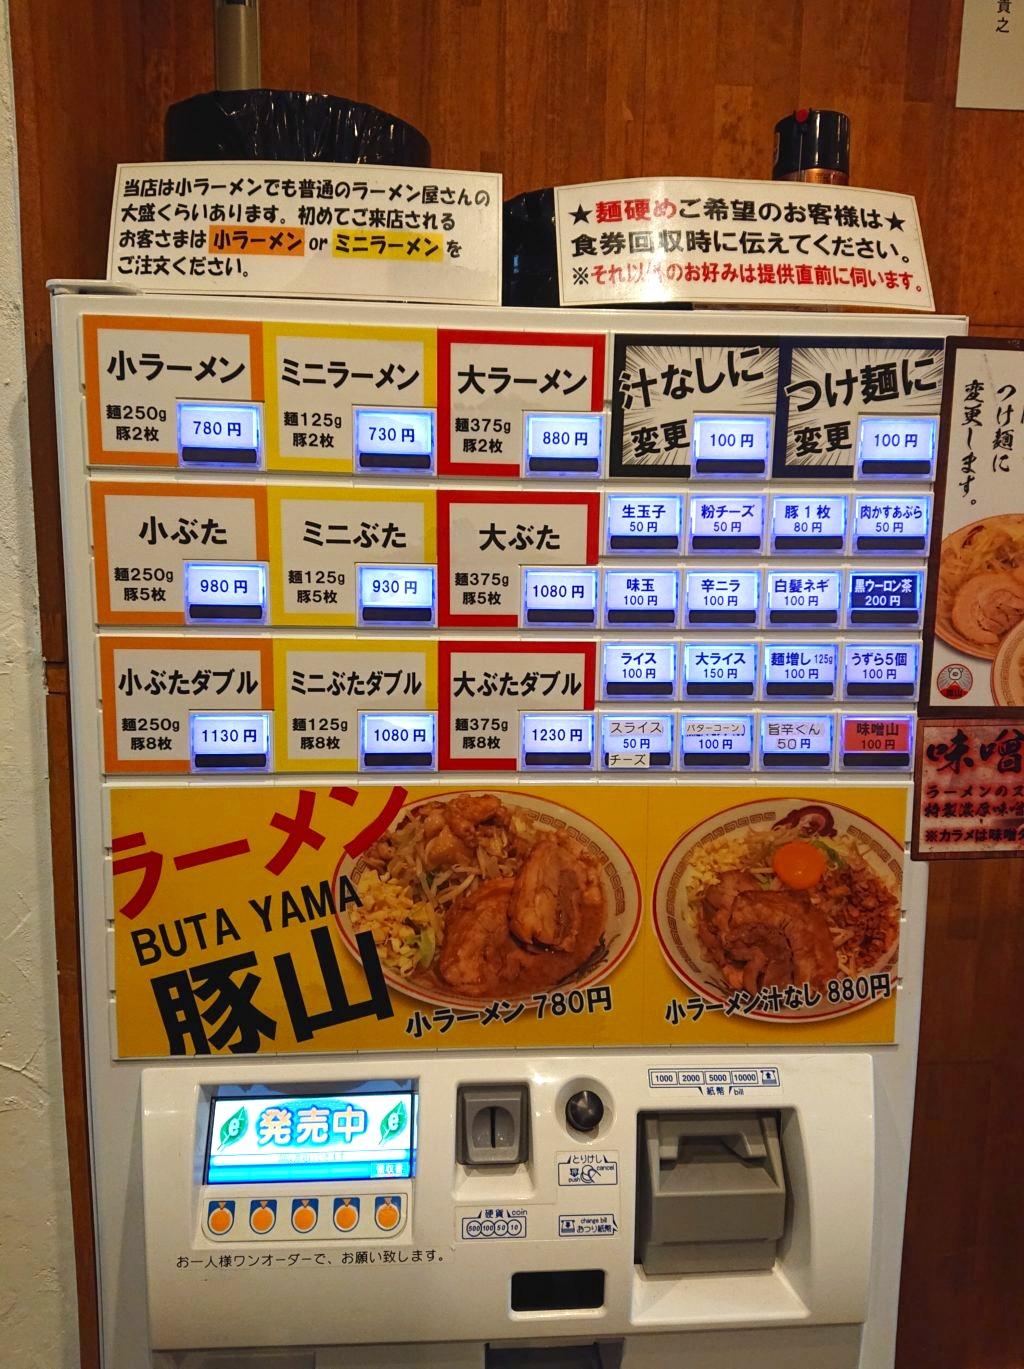 ラーメン豚山 上野店 食券機のメニュー